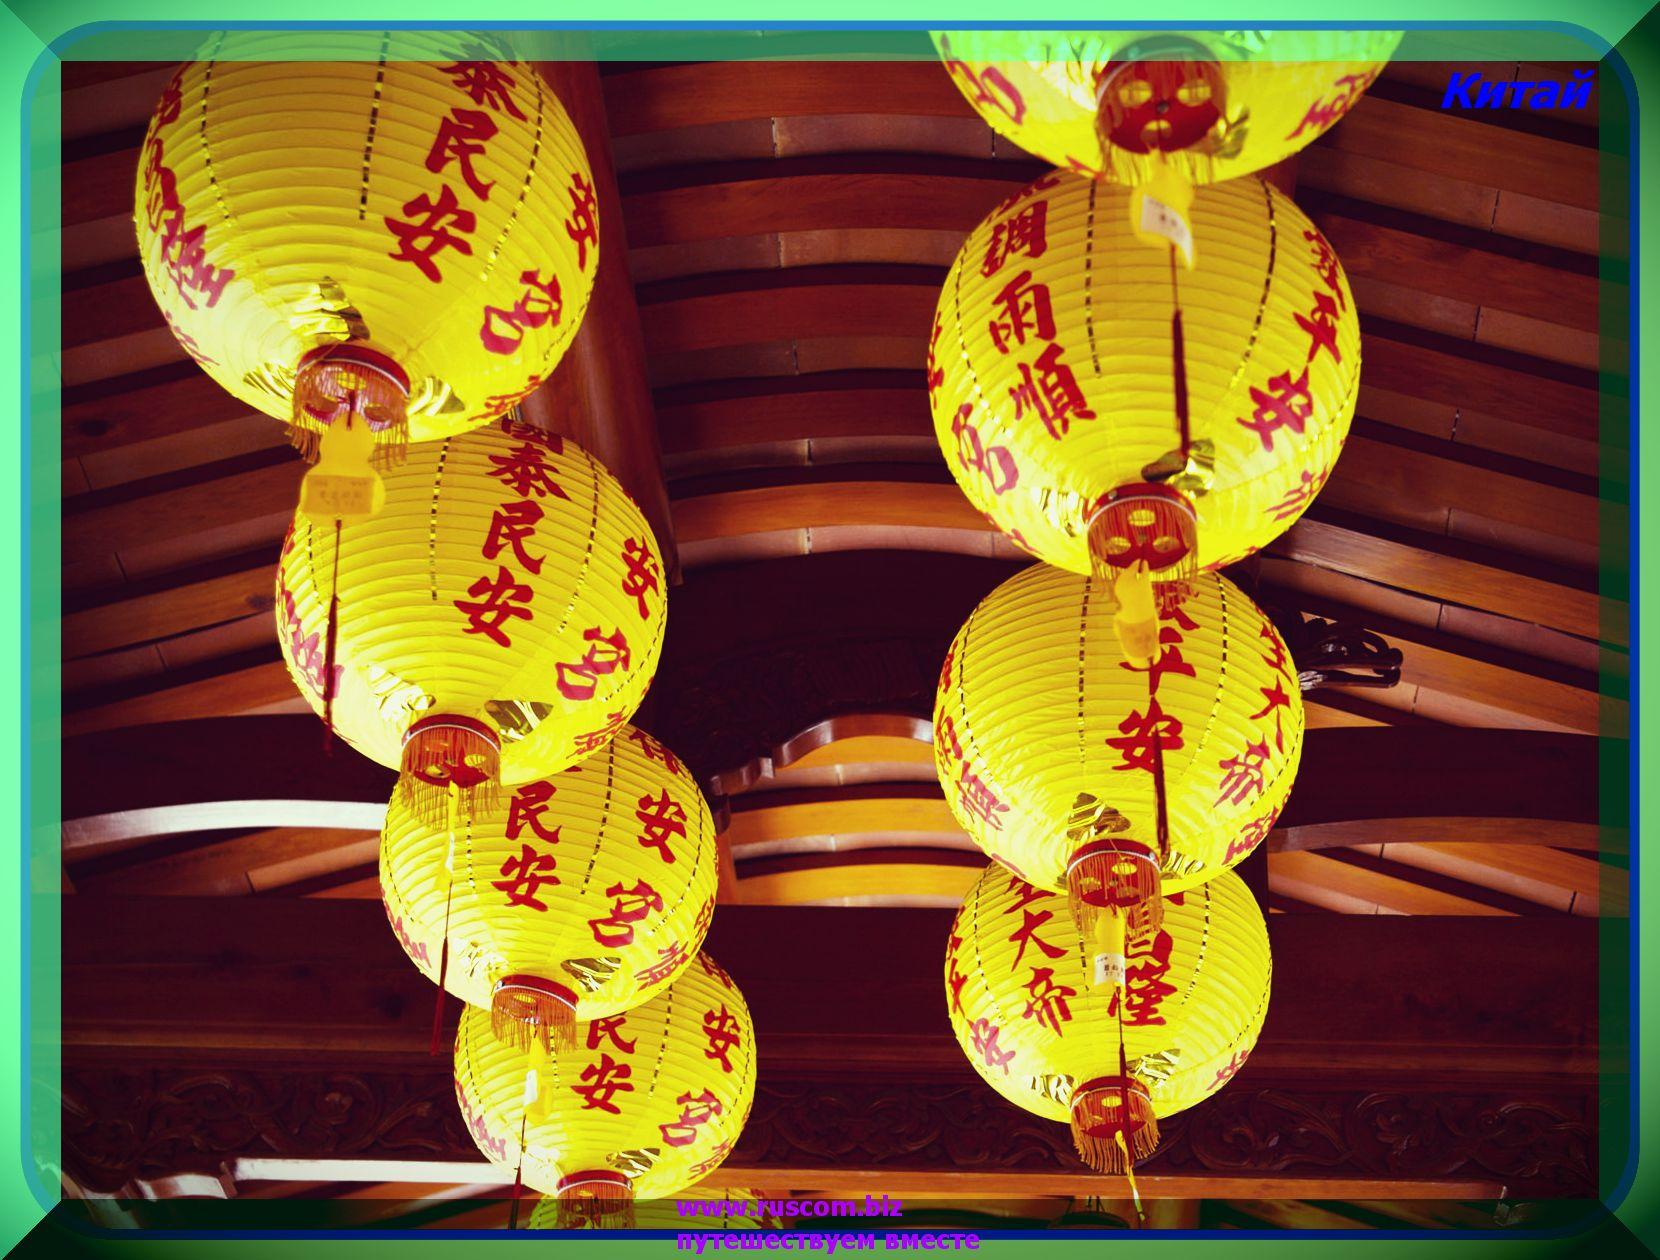 Что нужно знать, чтобы 2015 год прошёл удачно. .  Китайский календарь предполагает 12 животных циклов и 2015 год...